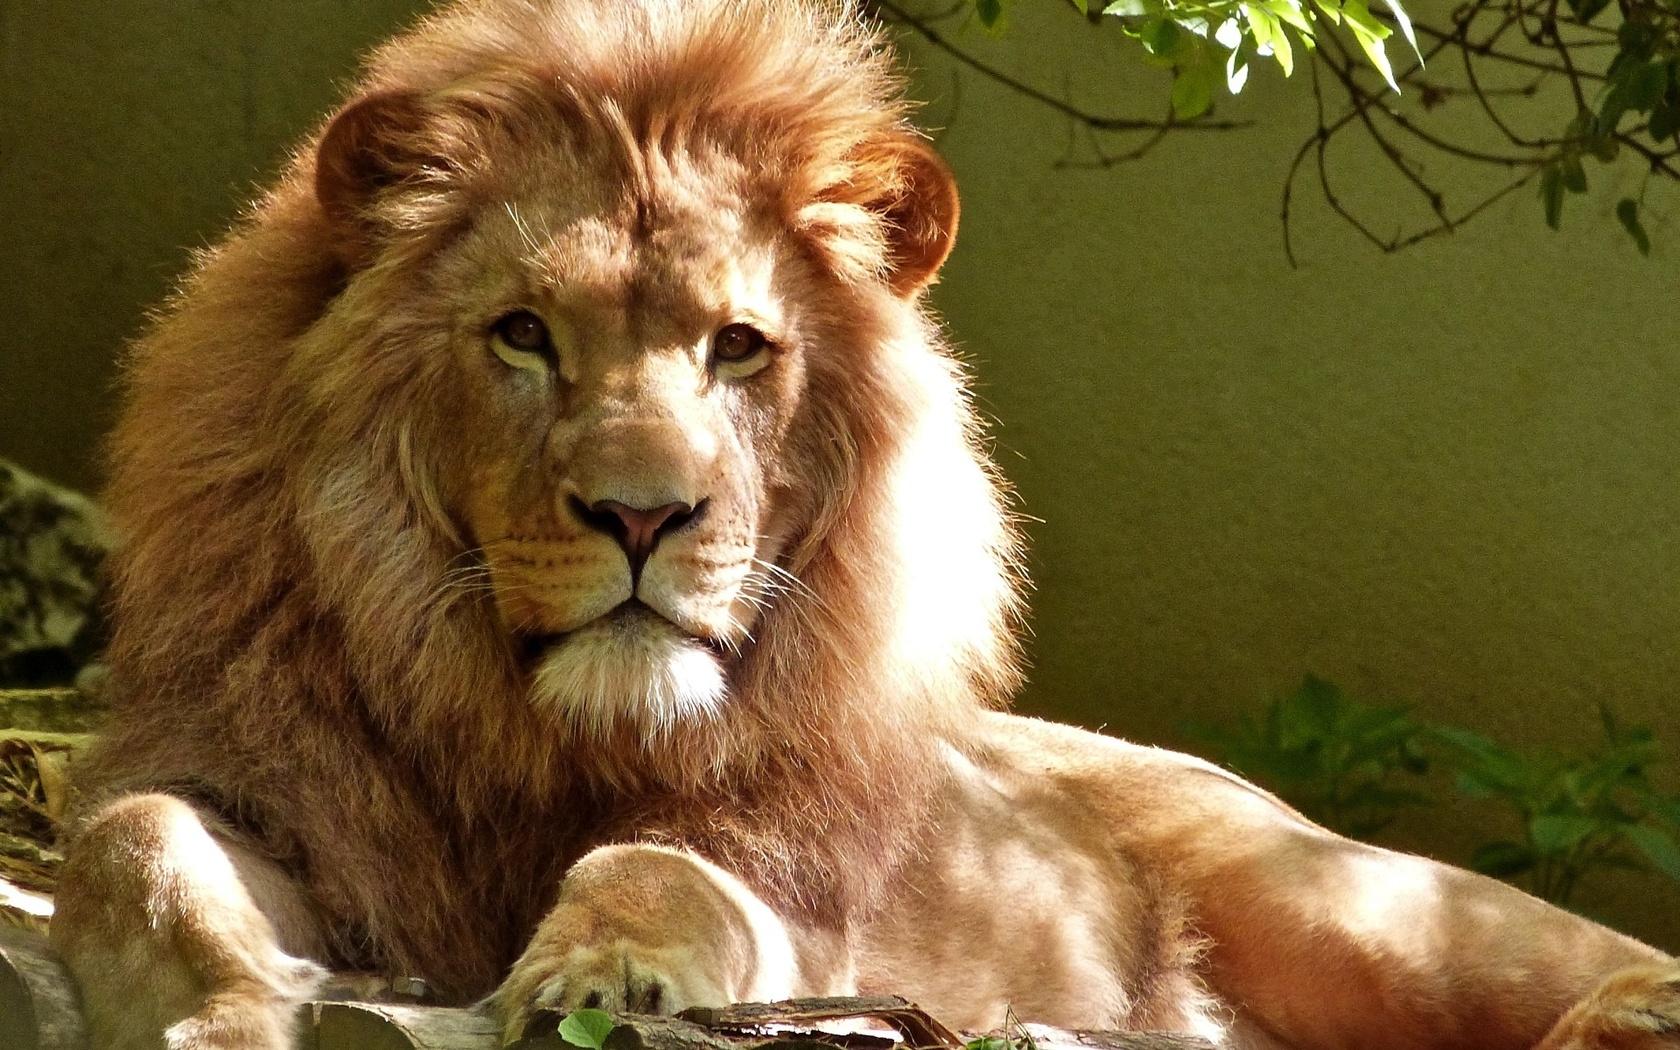 интересные картинки льва центра барселоны